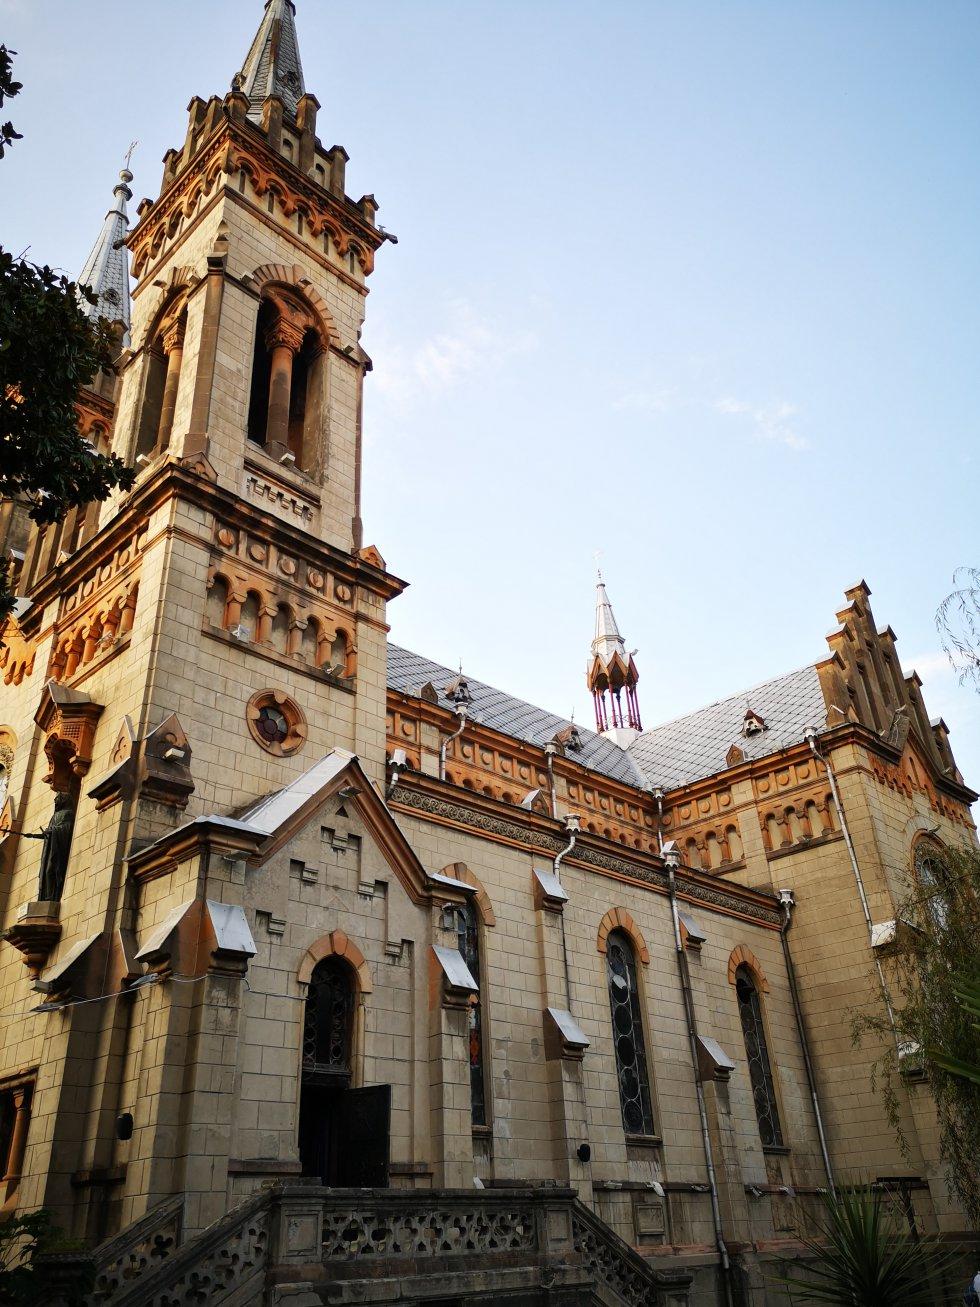 La catedral de Batumi, construida en 1903 como iglesia católica, es neogótica. Sobrevivió al dominio soviético. Desde 1980 es una iglesia ortodoxa georgiana.